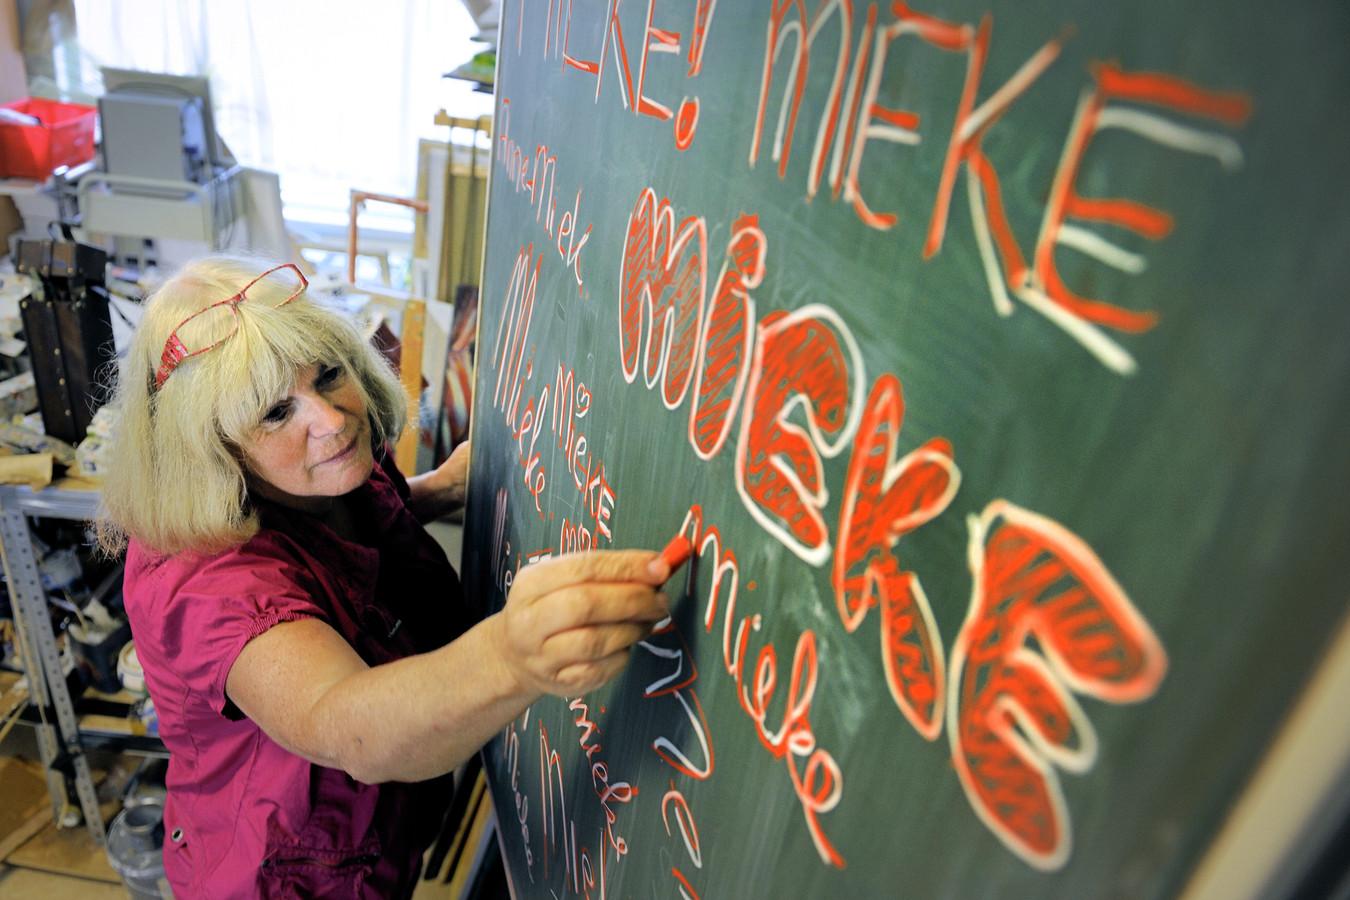 Voor een bijzonder project in 2013 zocht beeldend kunstenares Mieke van Zundert zoveel mogelijk 'Miekes' bij elkaar